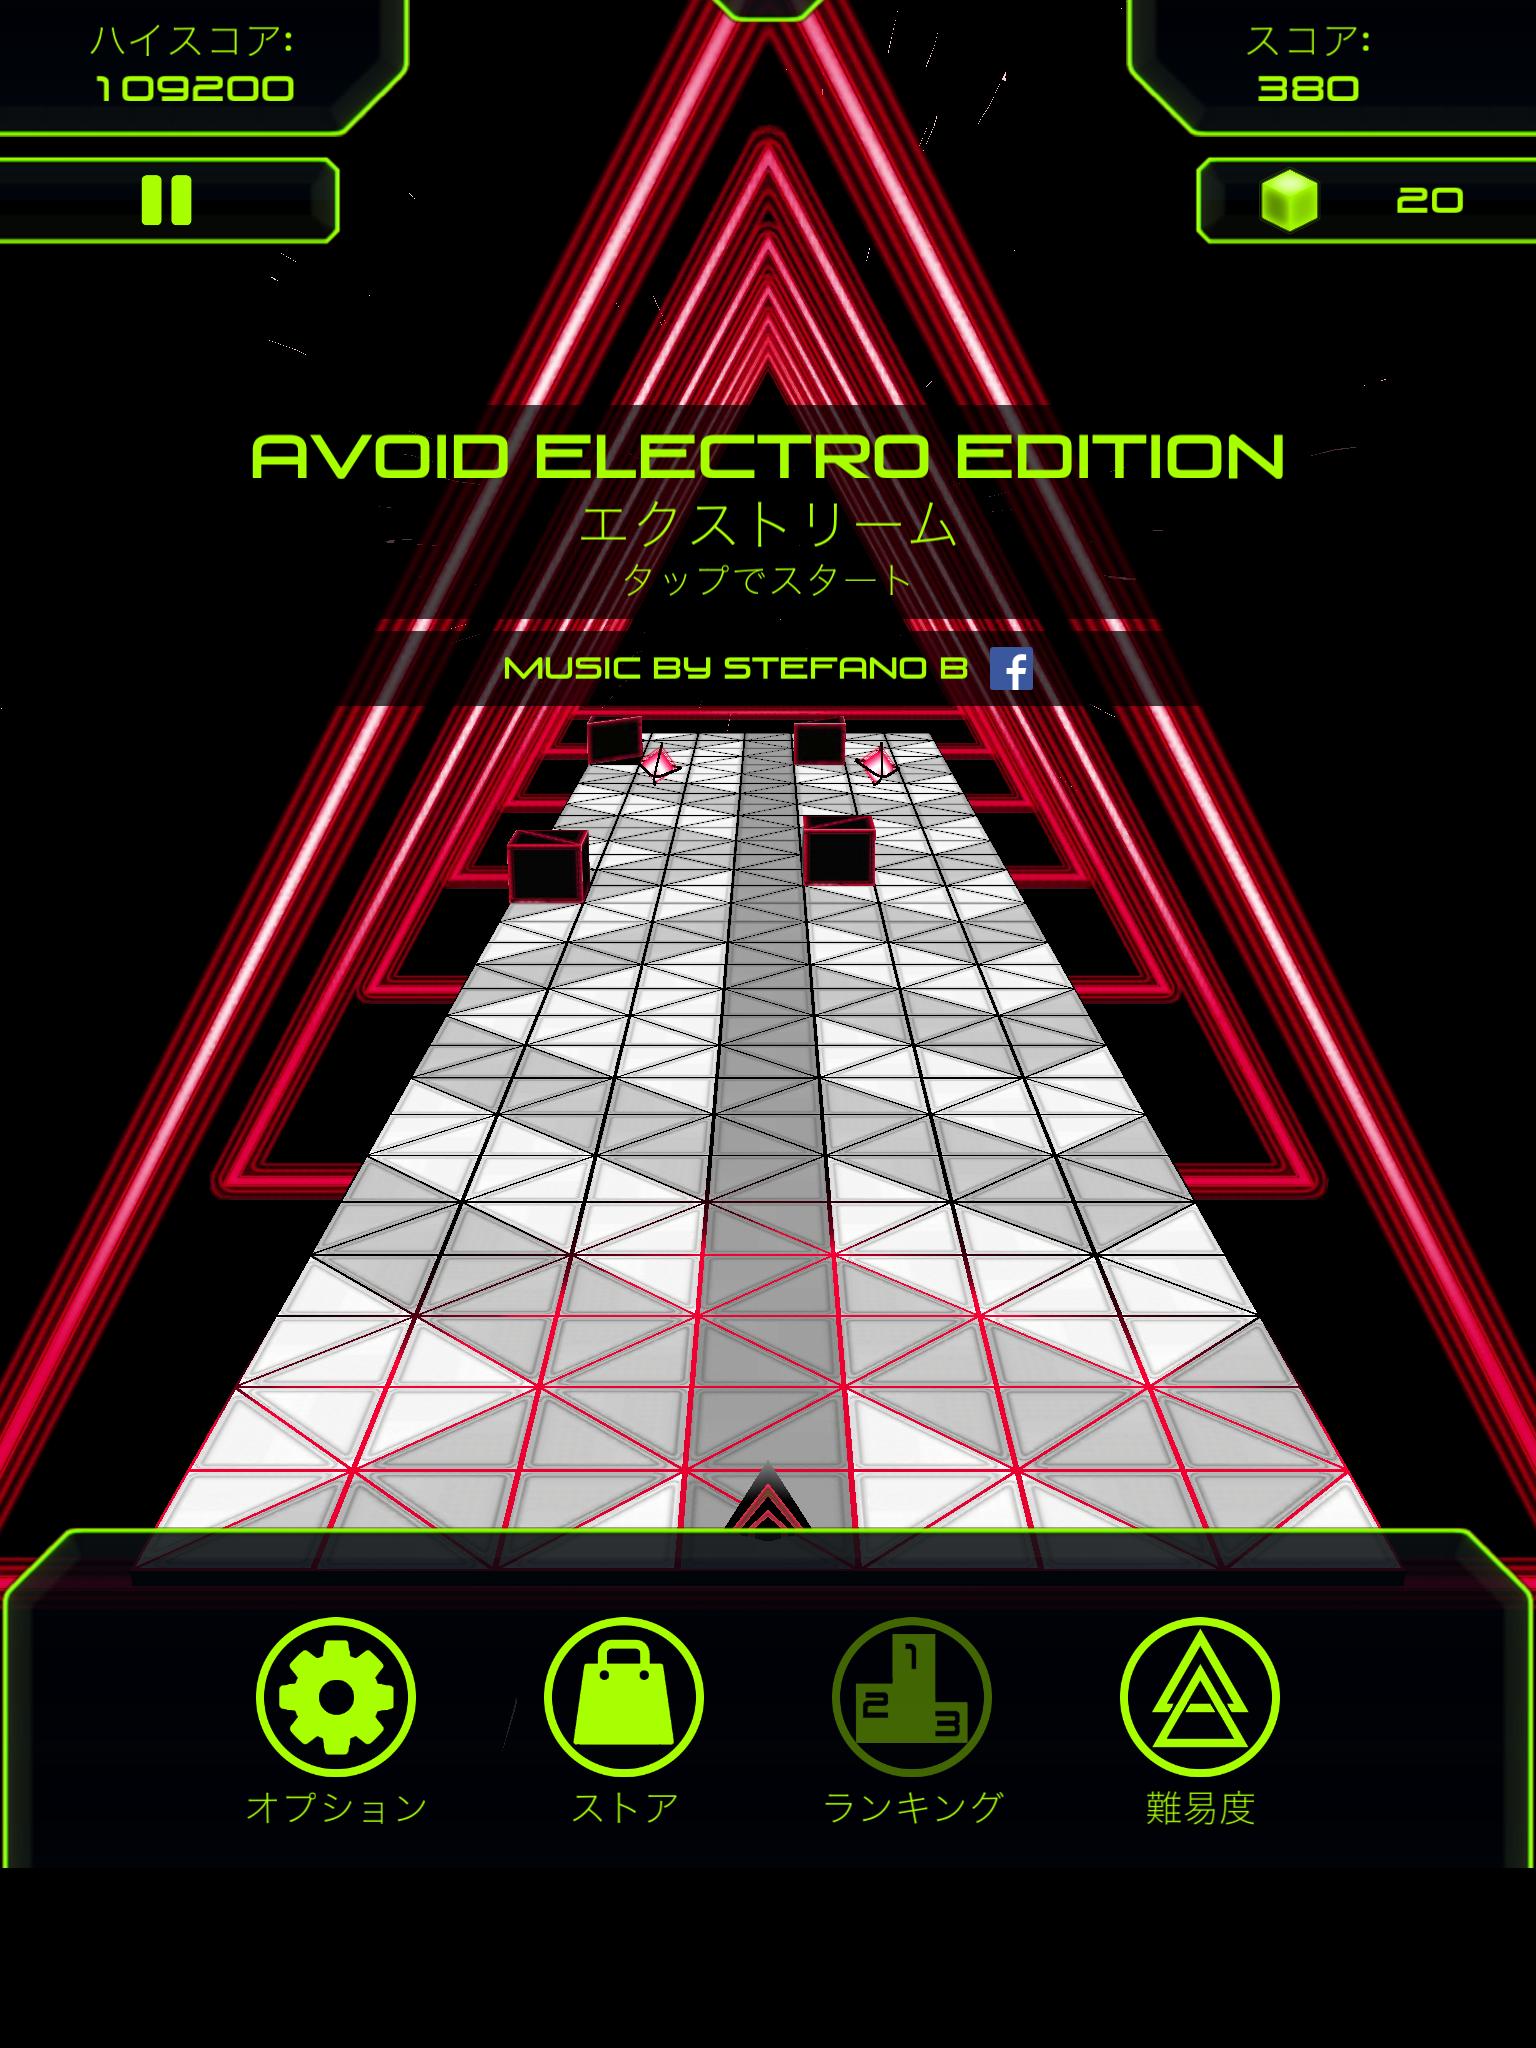 【iOS】エレクトロニックな空間を駆け抜けろ! Avoid Electro Edition